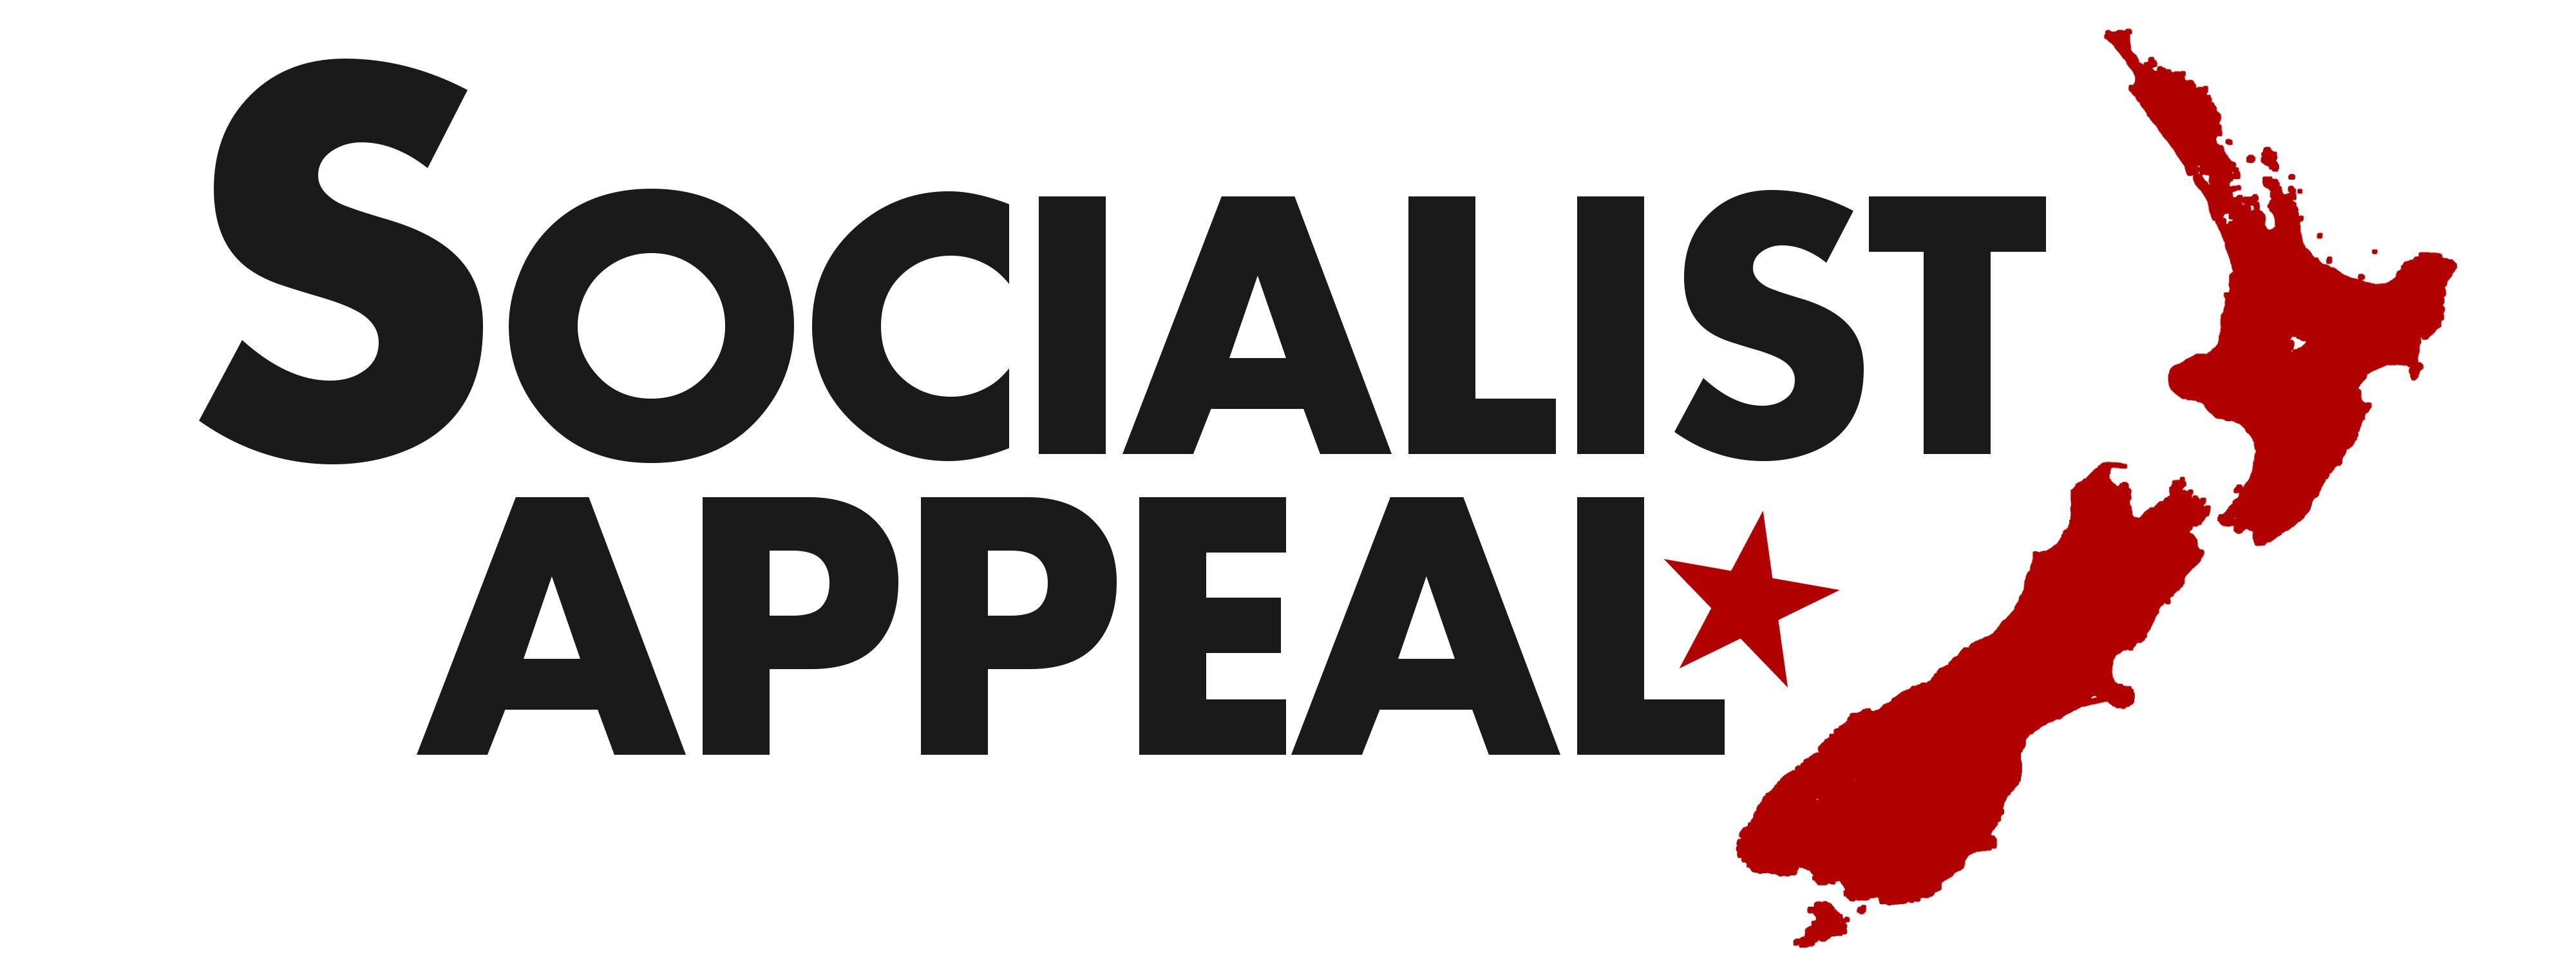 Socialist Appeal NZ